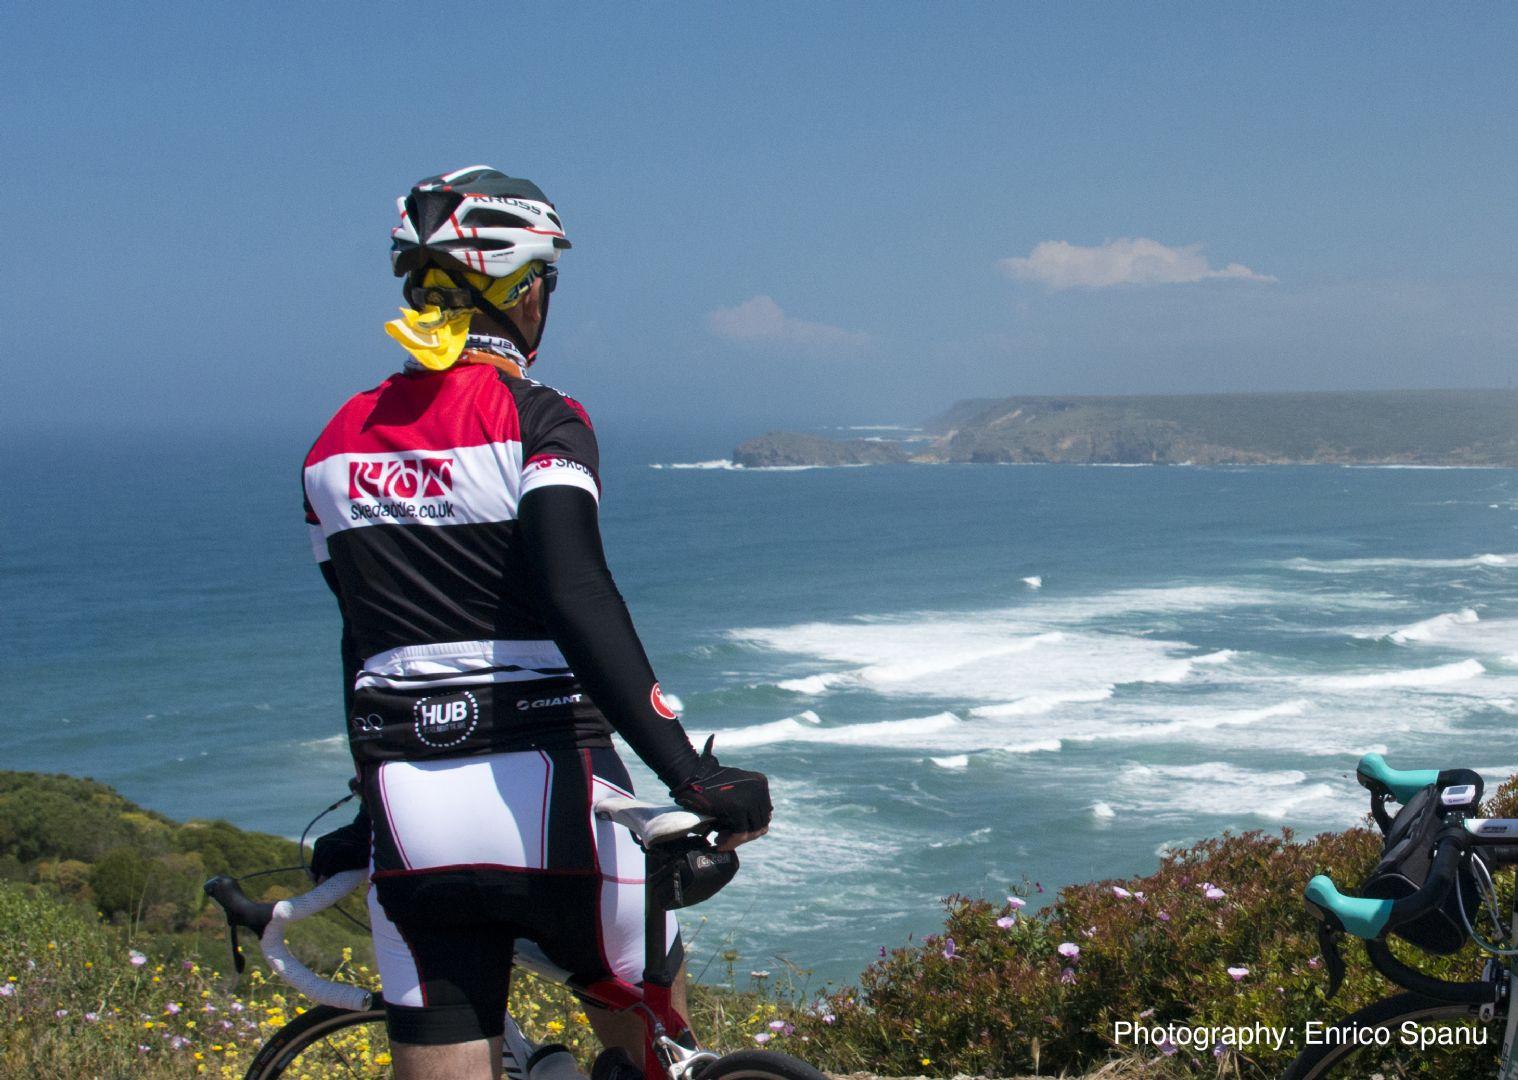 roadcyclingsardinia2 copy.jpg - Italy - Sardinia - Coastal Explorer - Road Cycling